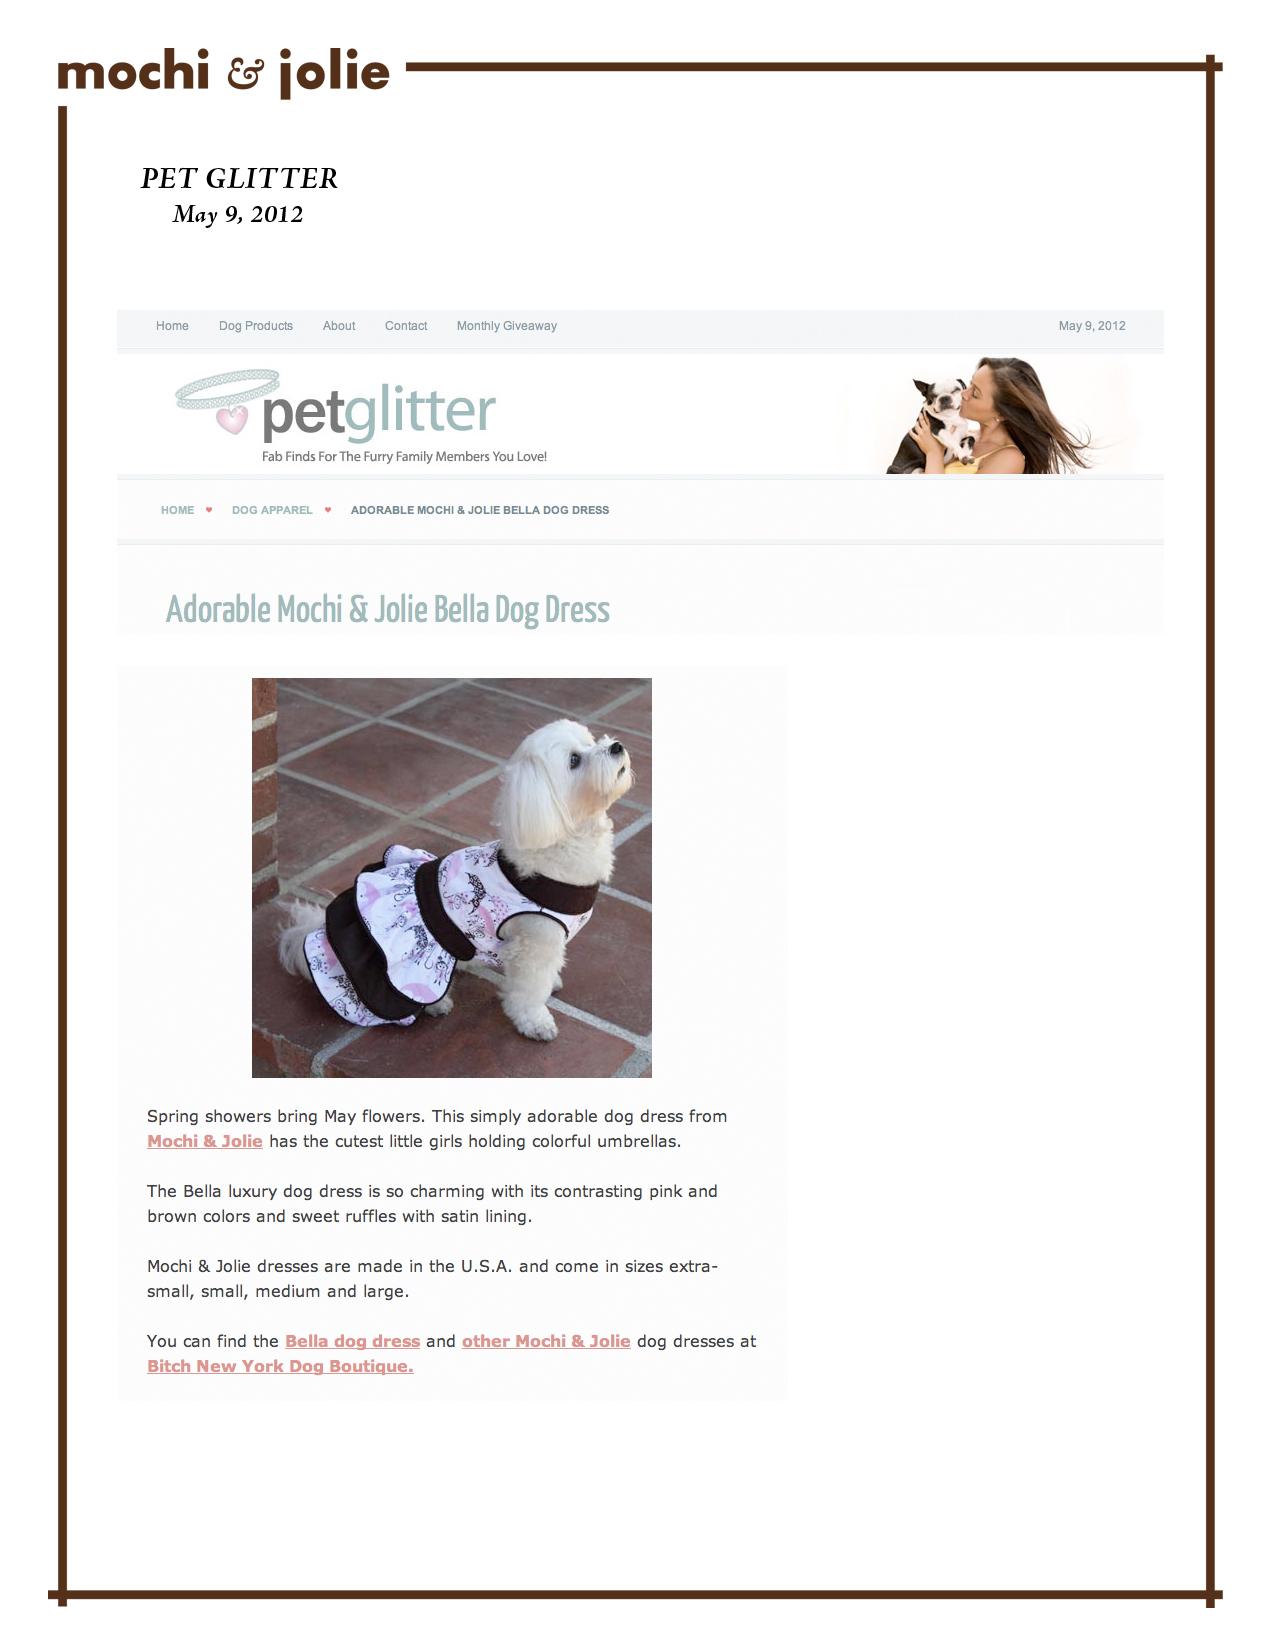 Pet Glitter (May 9, 2012)